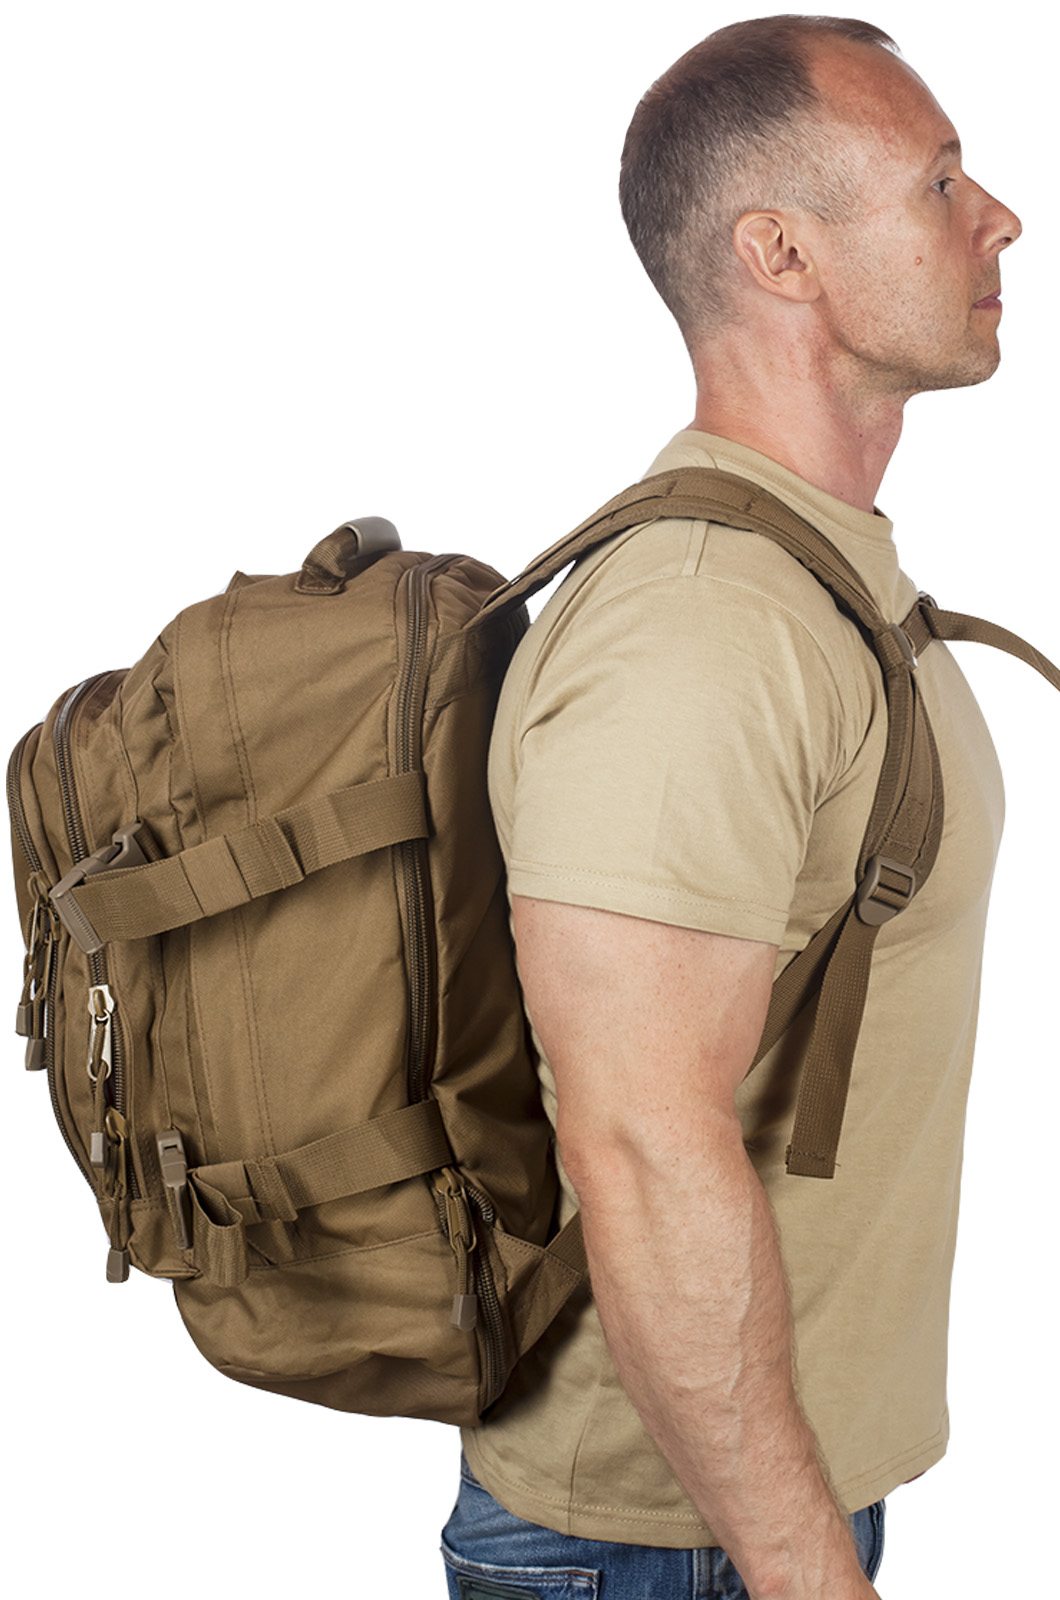 Патрульный тактический рюкзак с нашивкой Погранвойск - заказать оптом